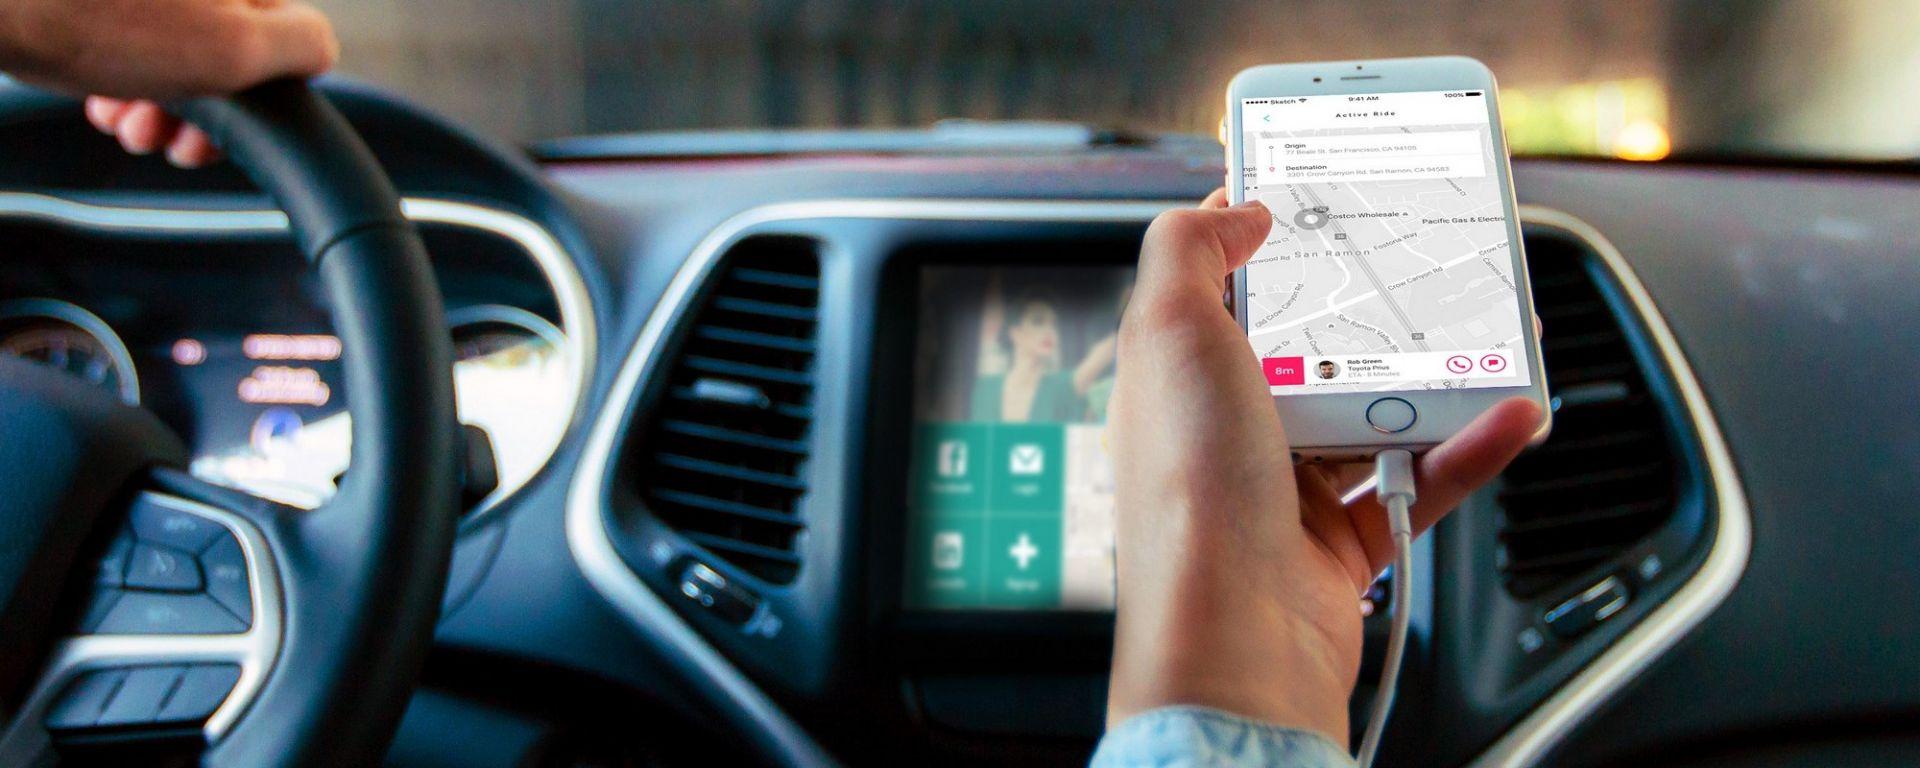 Bosch entra nel business del ride sharing. Acquistando Splitting Fares